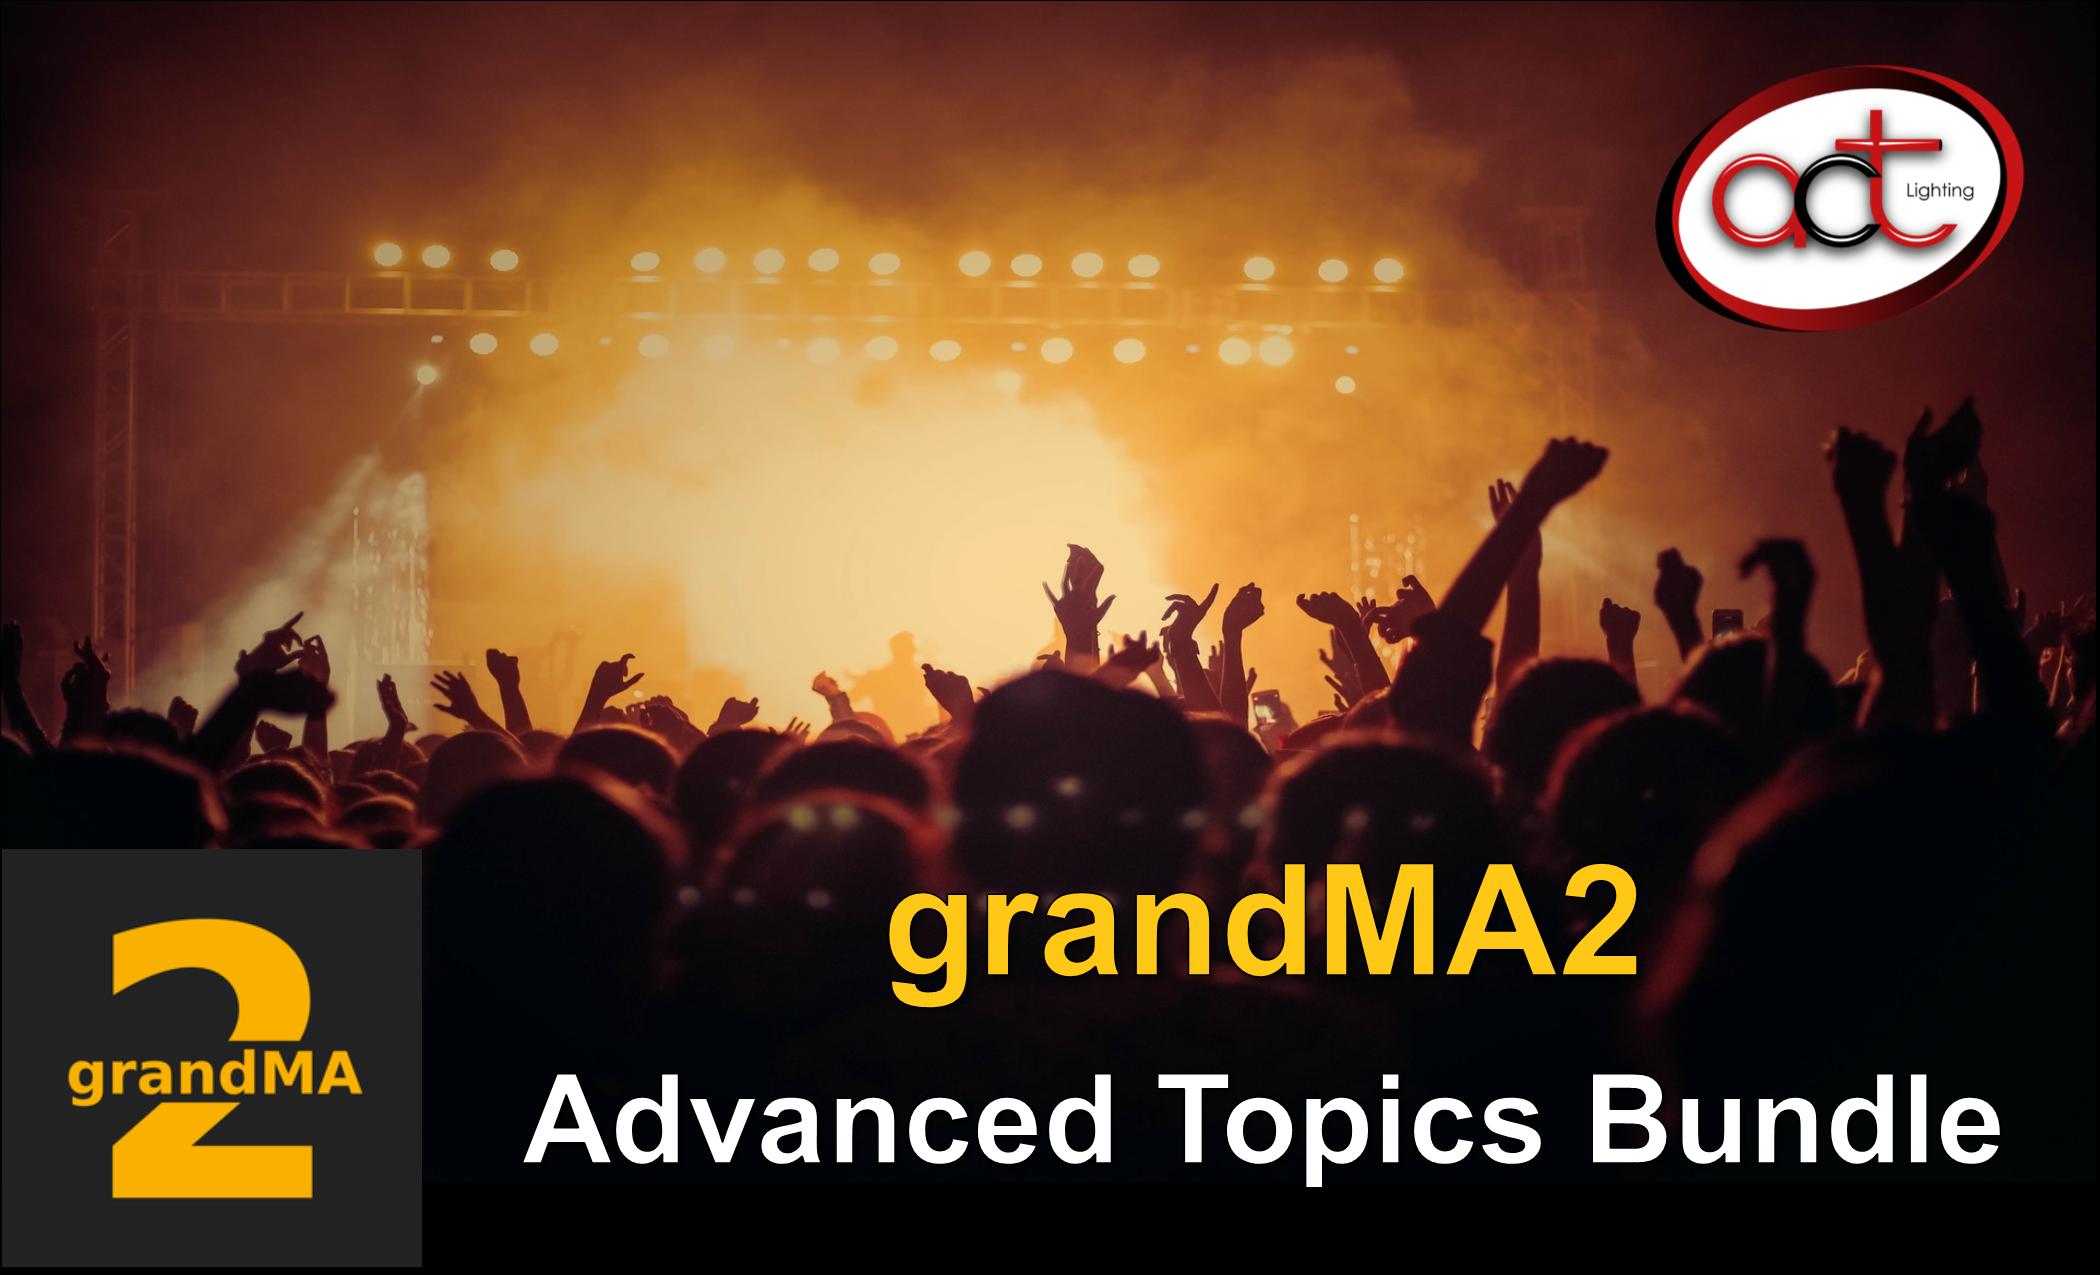 grandMA2 Advanced Topics Bundle - Online Courses